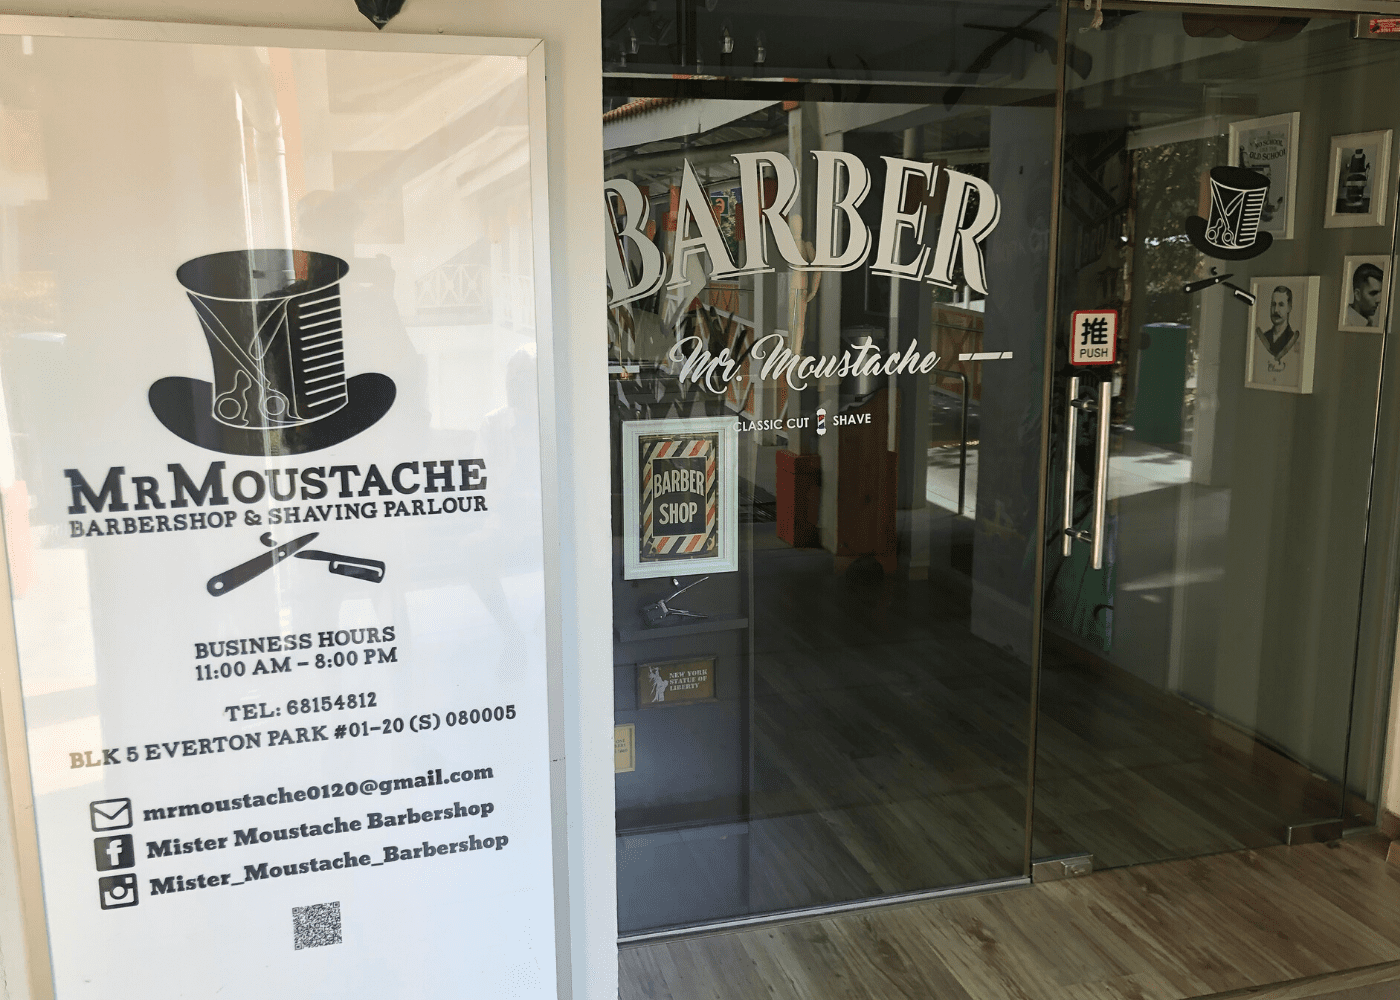 Everton Park: Mister Moustache Barbershop & Shaving Parlour